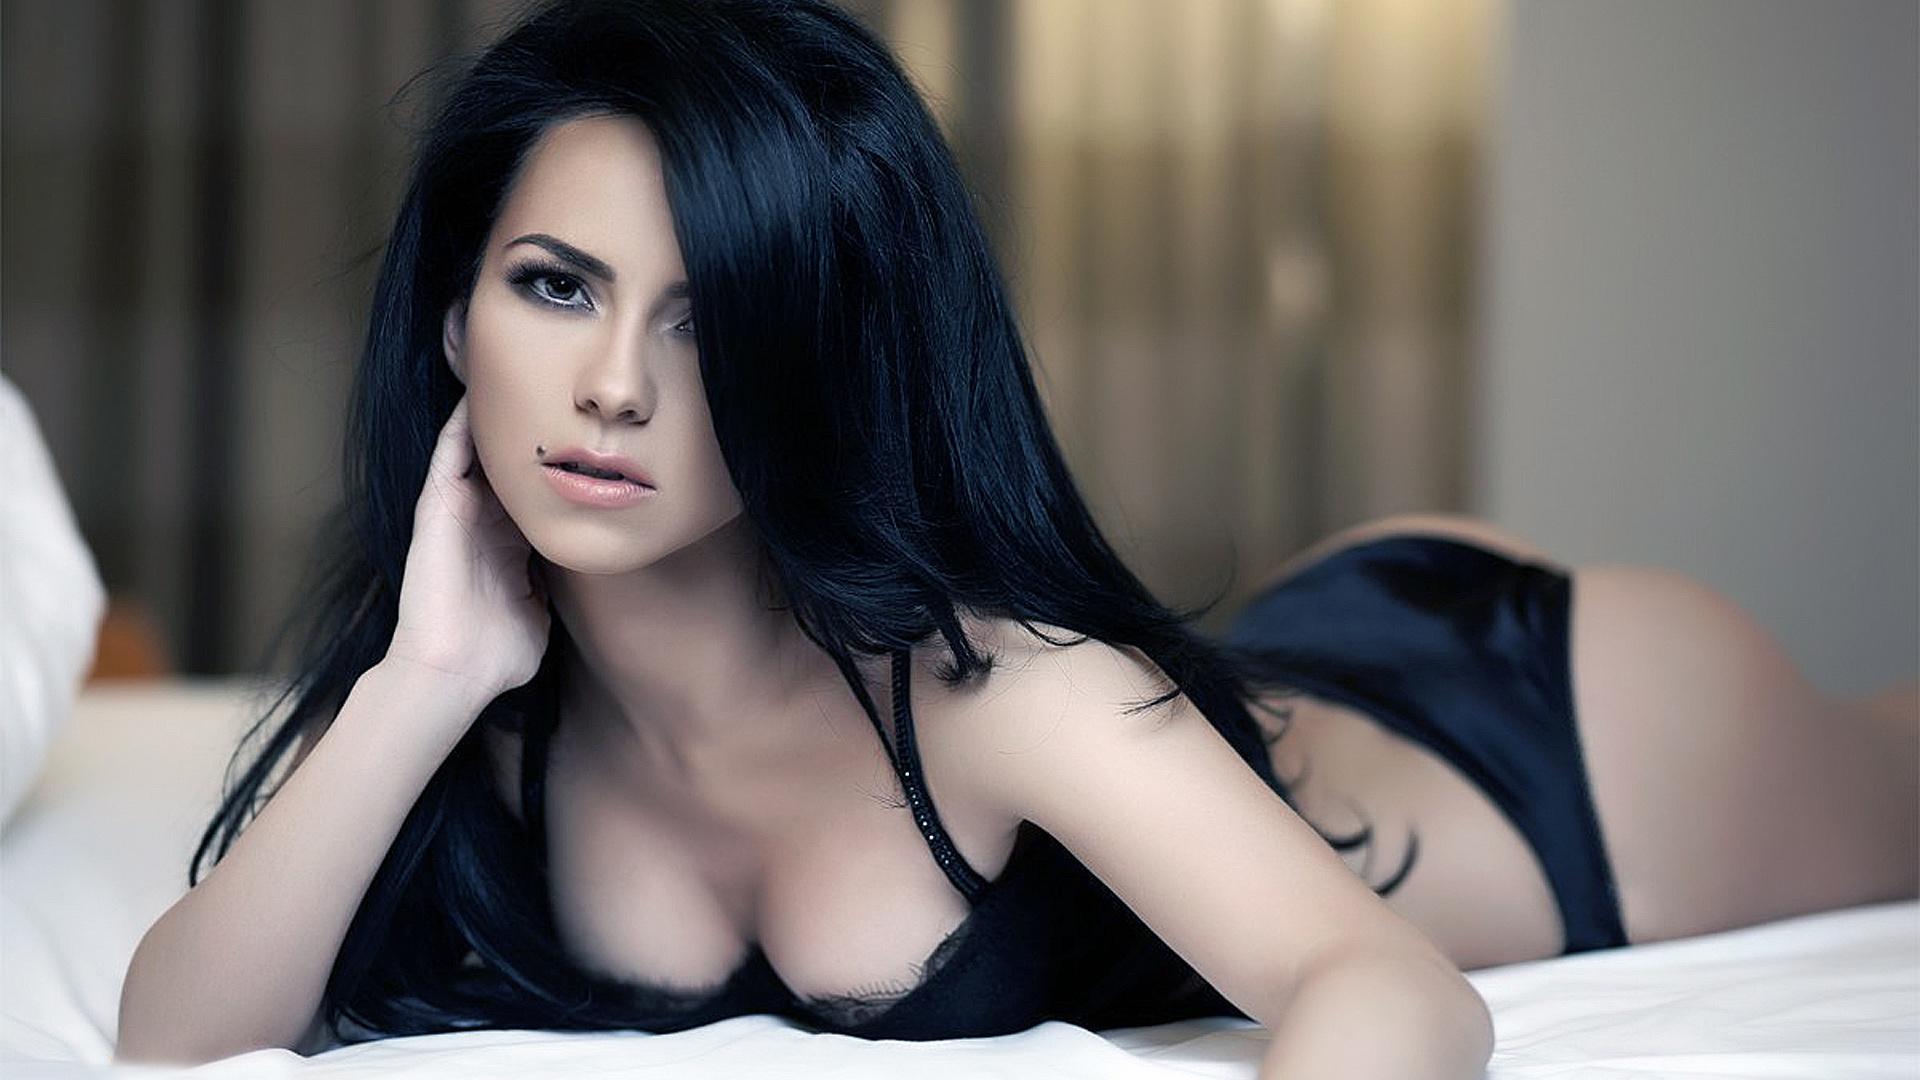 красивые картинки брюнетки сексуальные - 13